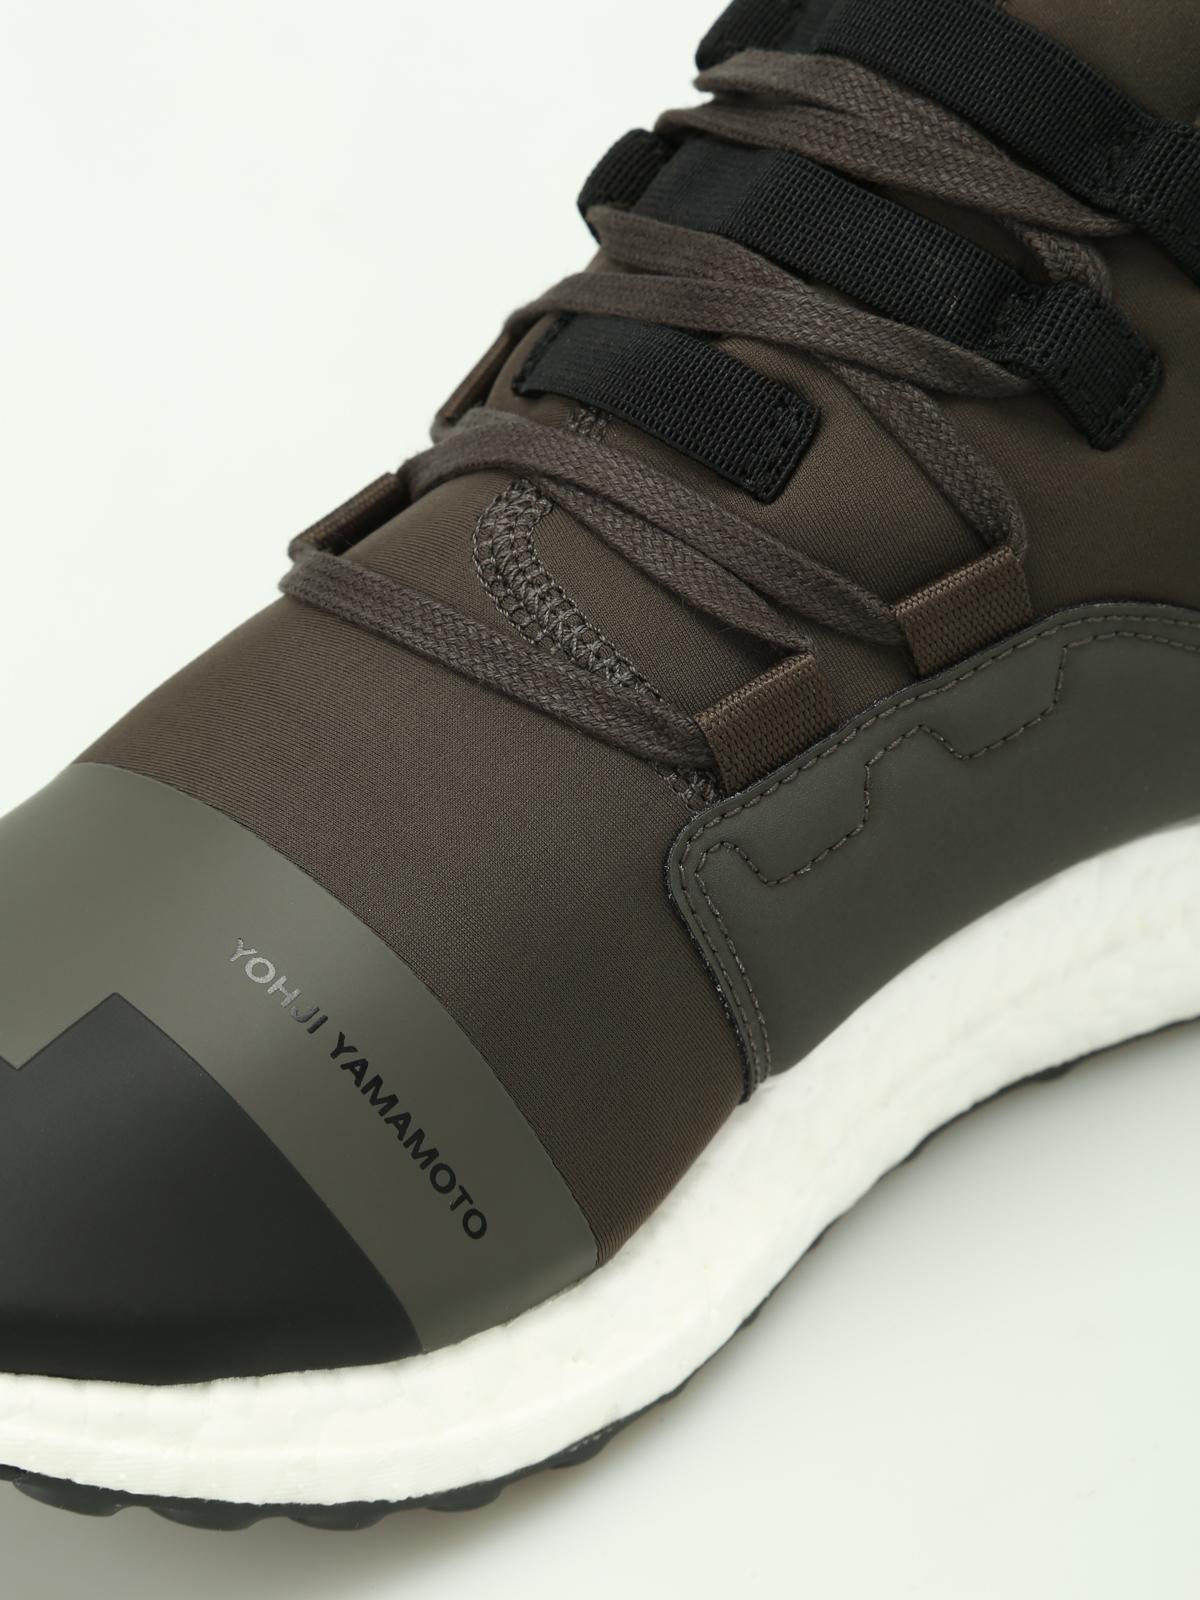 Adidas Y-3 - Zapatillas - Kozoko Low - Zapatillas - CG3161  3f069afdad8